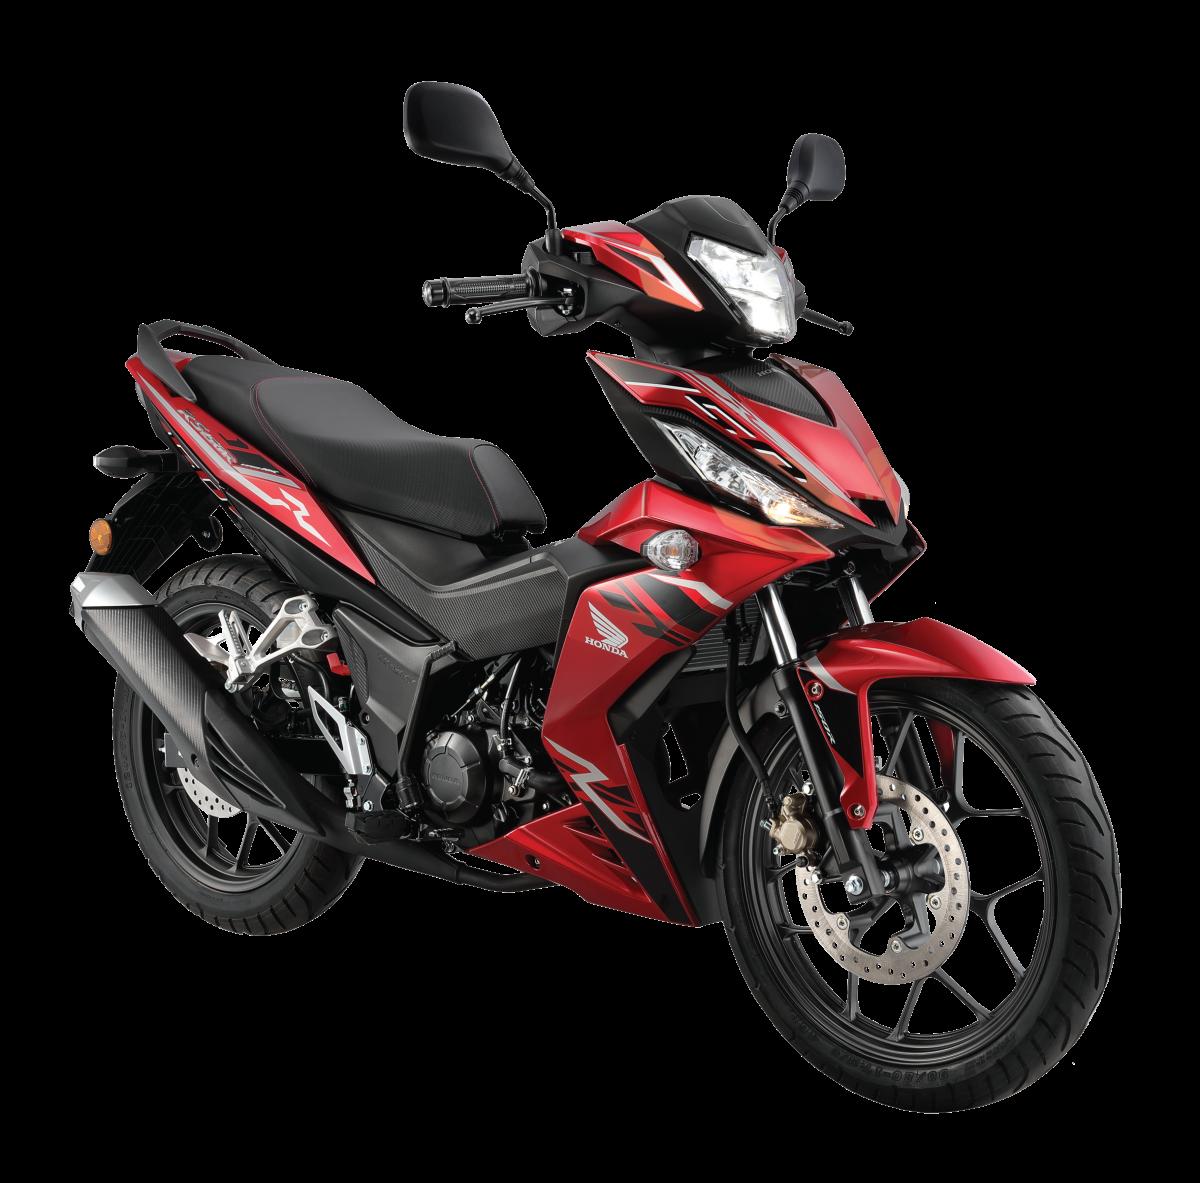 Honda-Winner-150-2018-them-mau-moi-anh-2